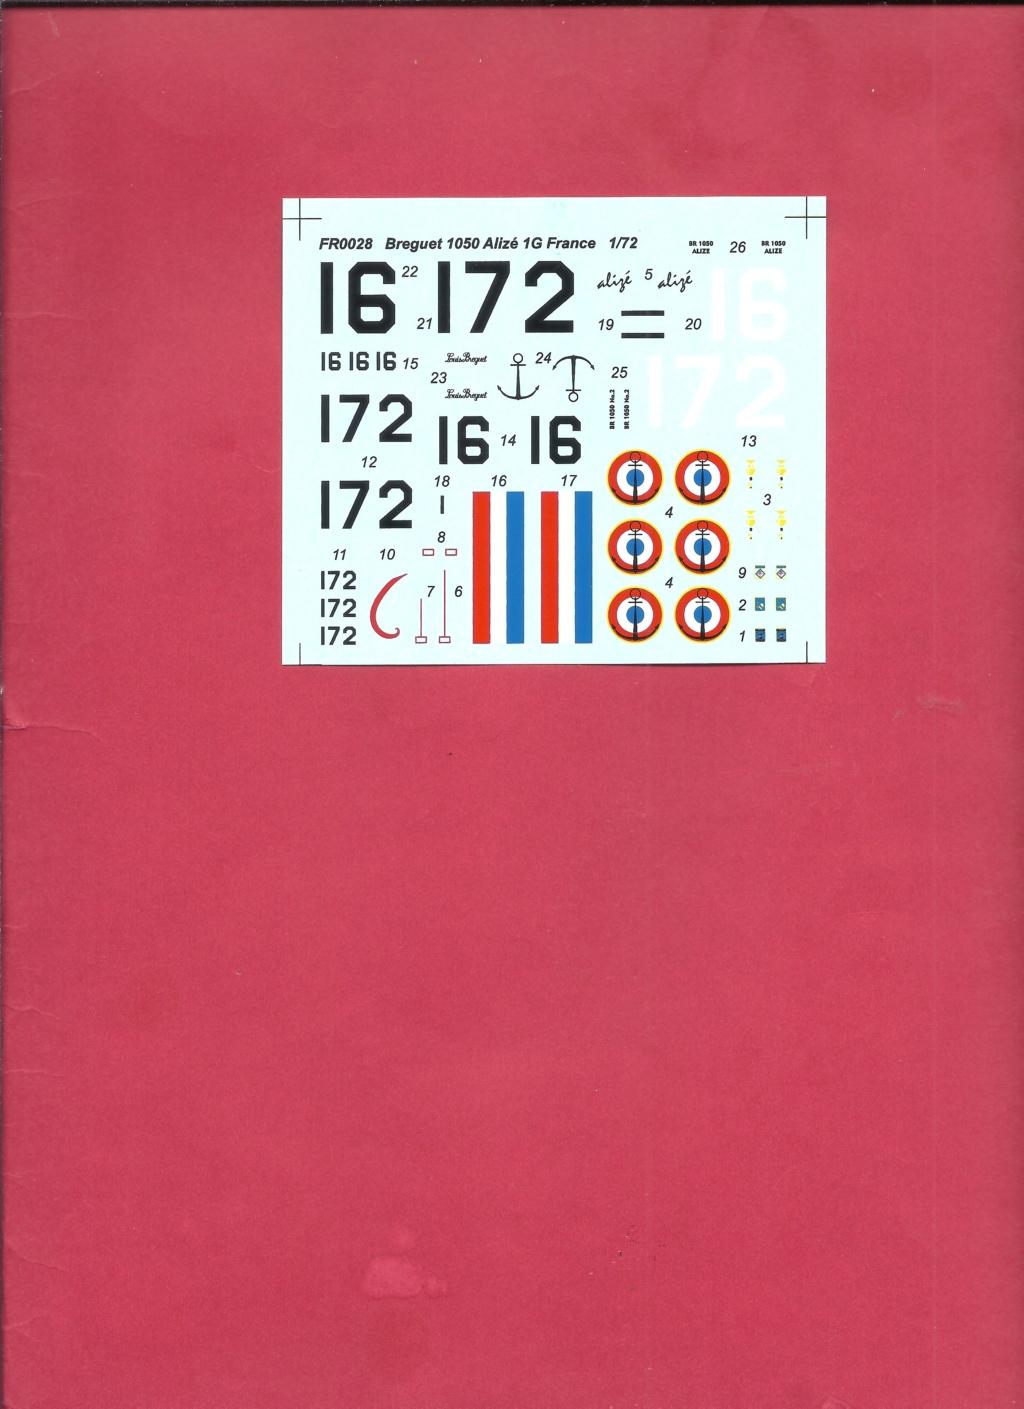 alizé - [AZUR FRROM] BREGUET  Br 1050 ALIZE 1/72ème Réf FR0028 Azur_f50